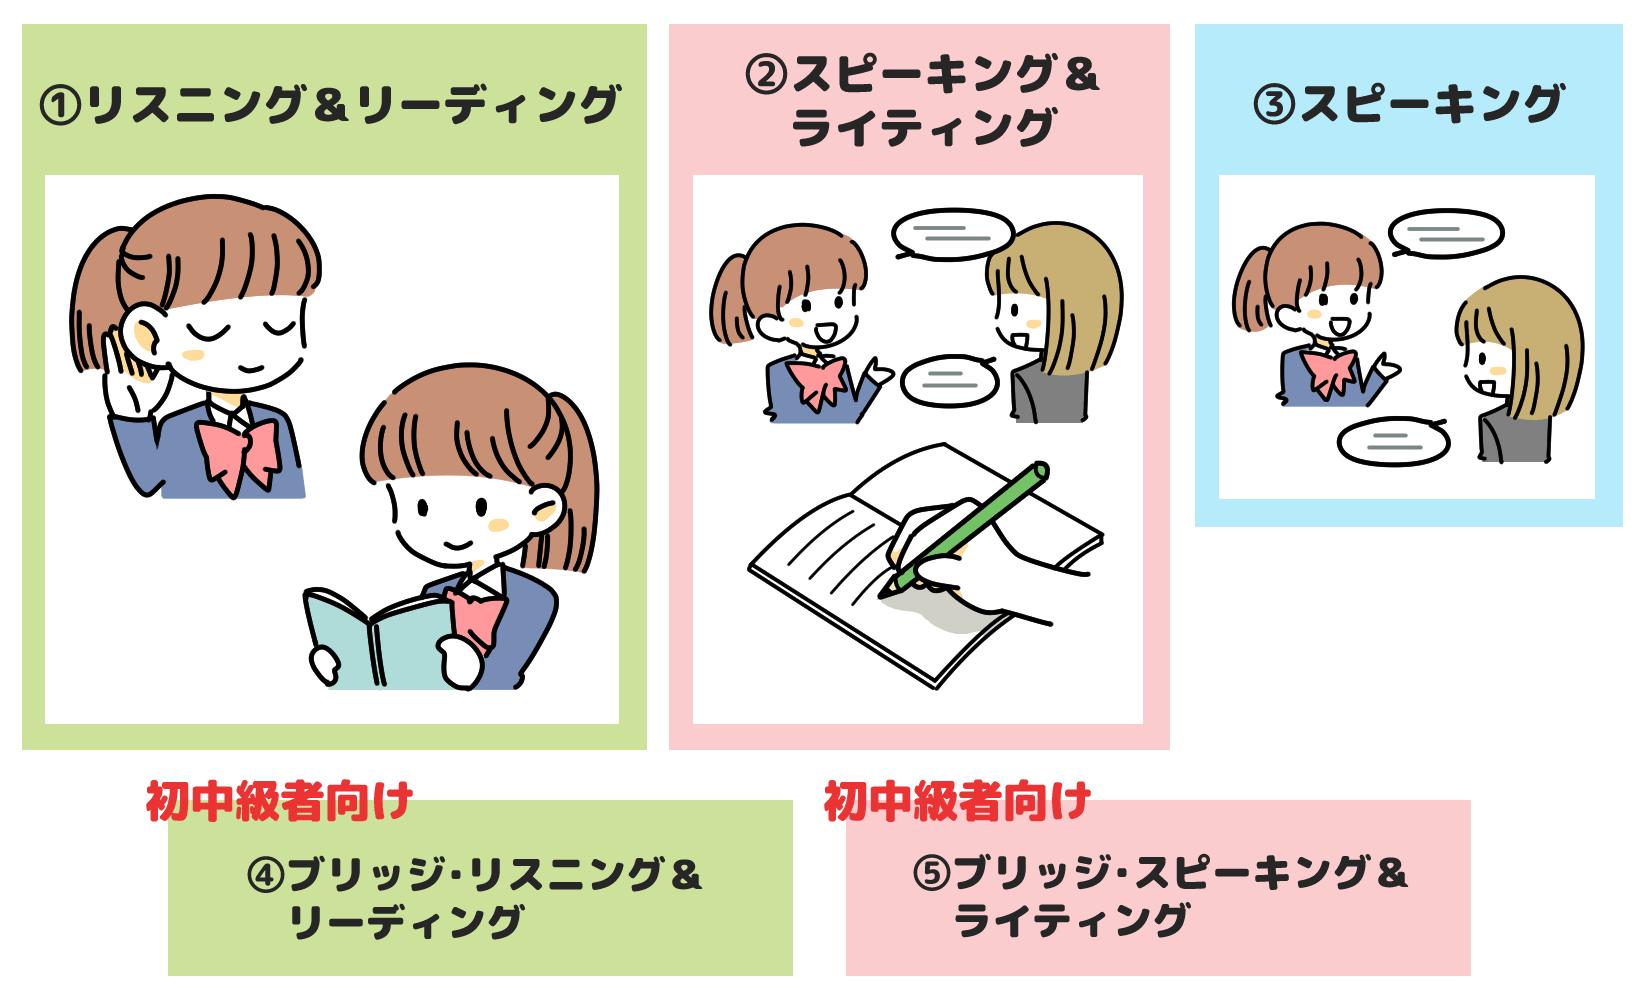 TOEICの種類は下記5つに分けられます。1.リスニング&リーディング(Listening & Reading Test)は公開テストです。2.スピーキング&ライティング(Speaking & Writing Test)3.スピーキング(Speaking Test)4.ブリッジ・リスニング&リーディング(Bridge Listening & Reading Test)5.ブリッジ・スピーキング&ライティング(Bridge Speaking & Writing Test)